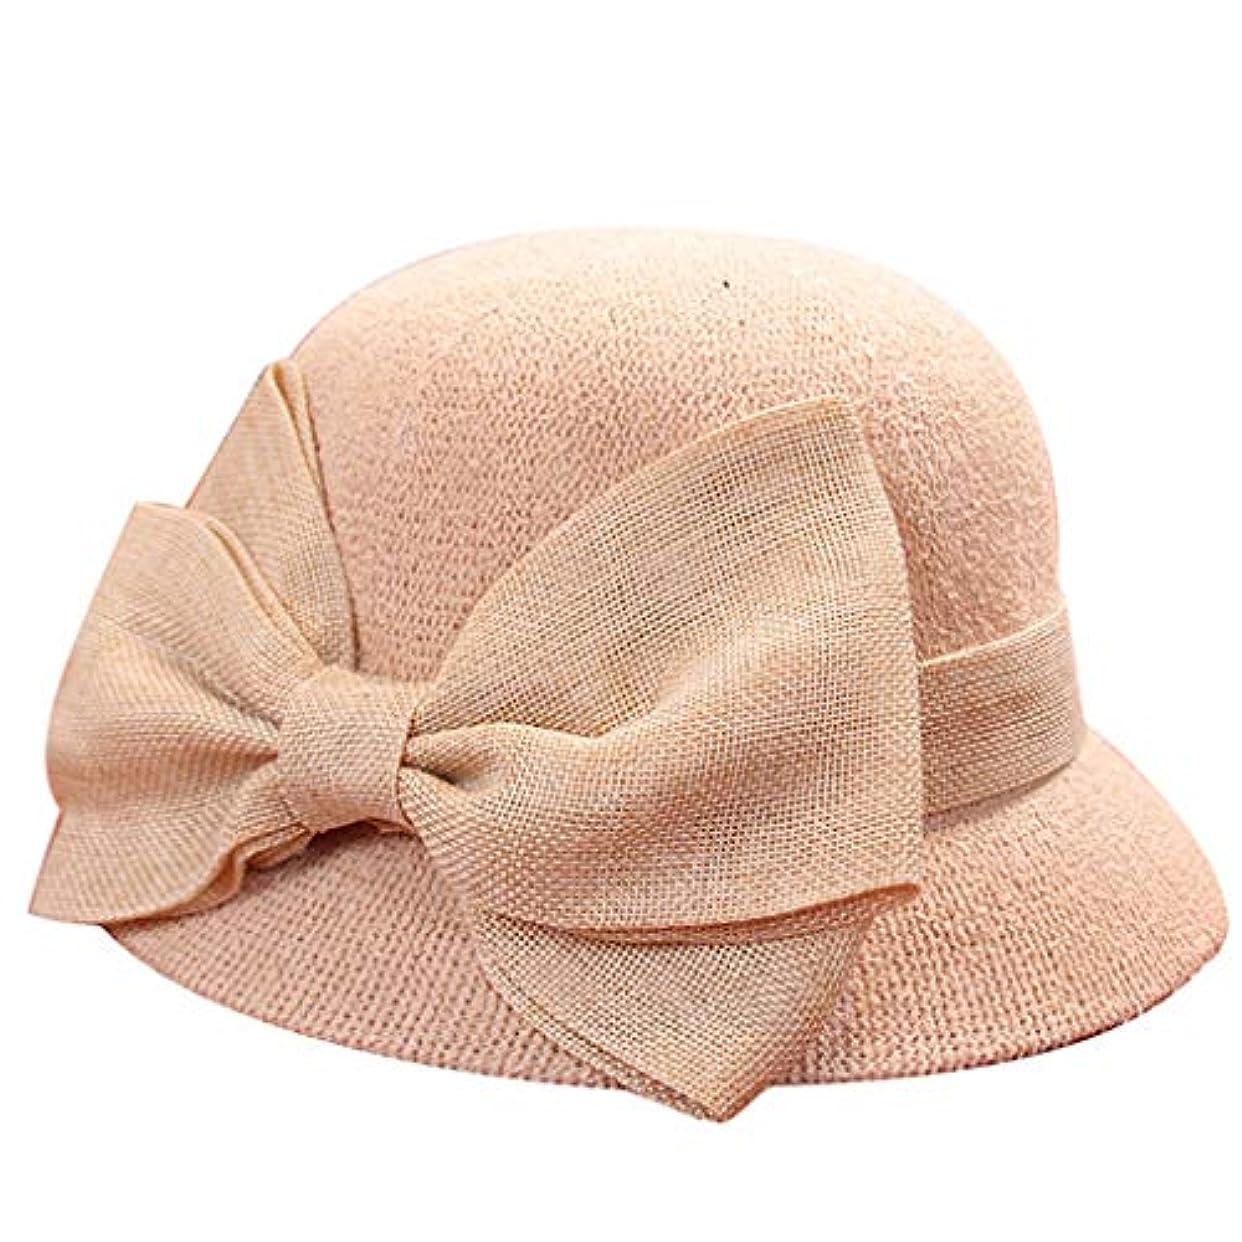 奨励します良性パッチUVカット 帽子 ハット レディース 漁師の帽子 流域の帽子 紫外線対策 日焼け防止 軽量 熱中症予防 キャップ 帽子 ゆったり 小顔効果 漁師帽 紫外線防止 レディース 蝶結び ビーチ アウトドア 日よけ 折りたたみ...